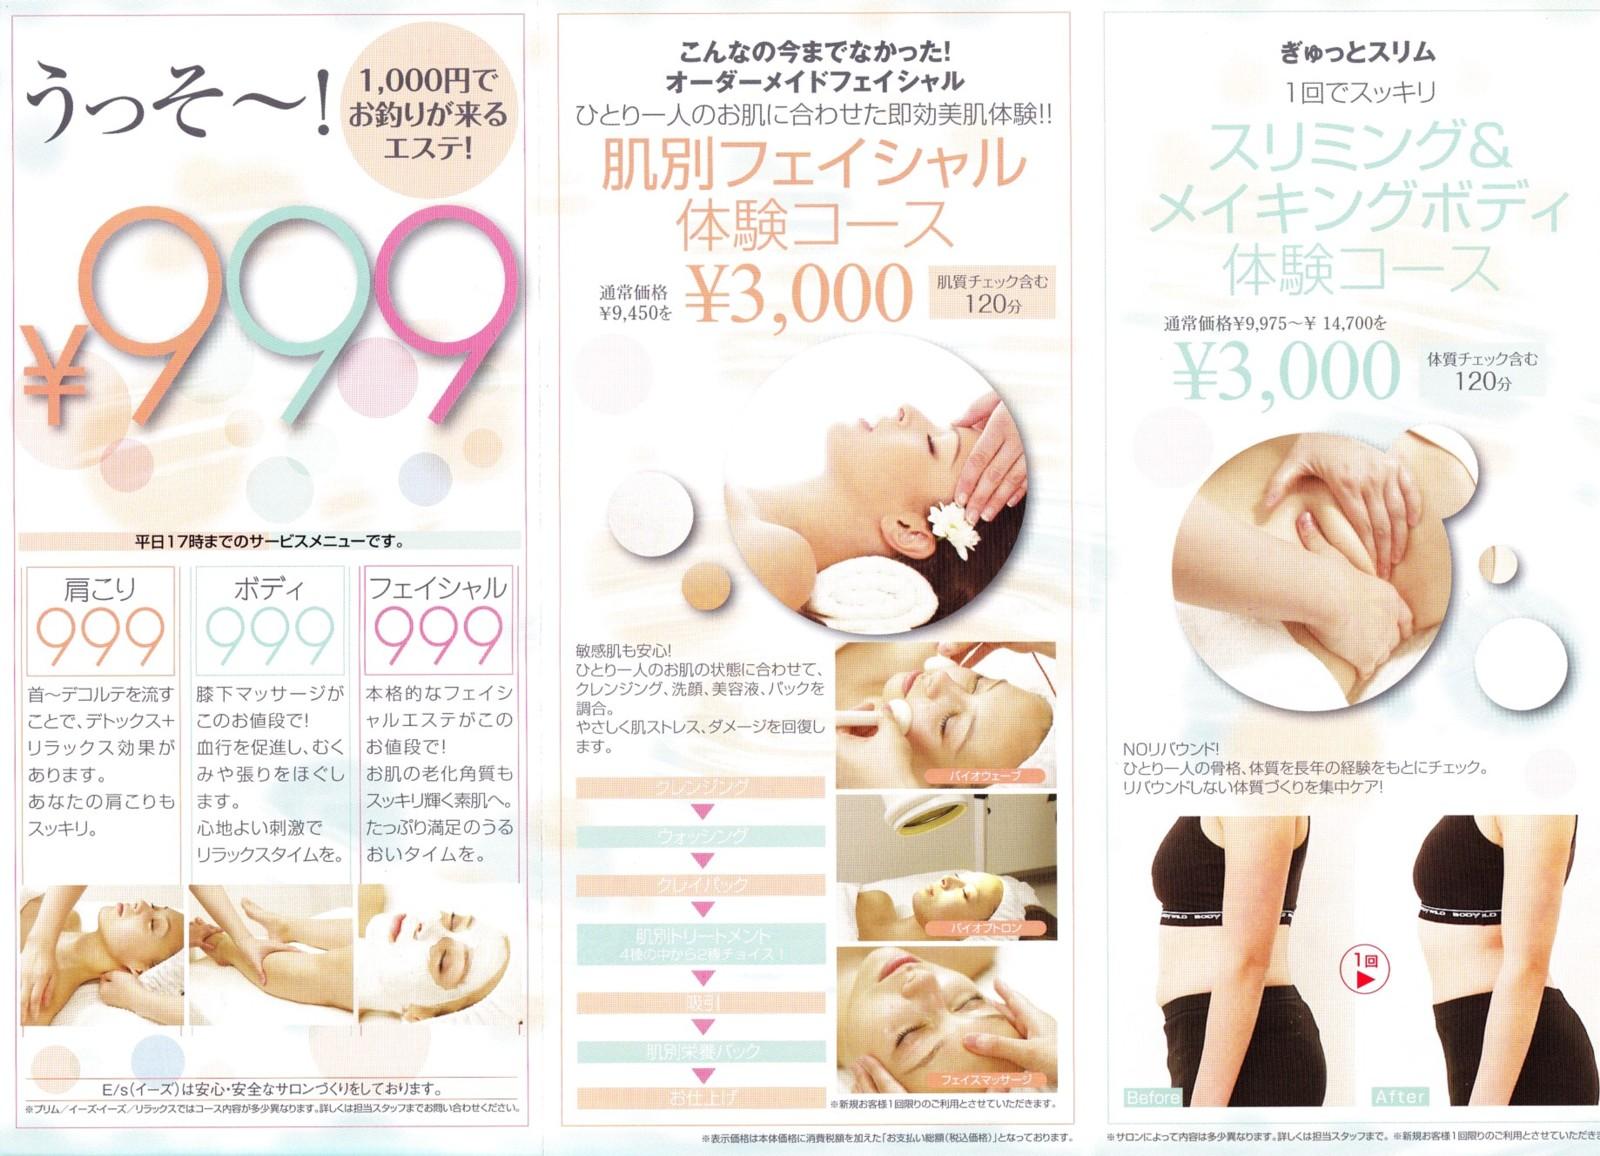 999円エステ